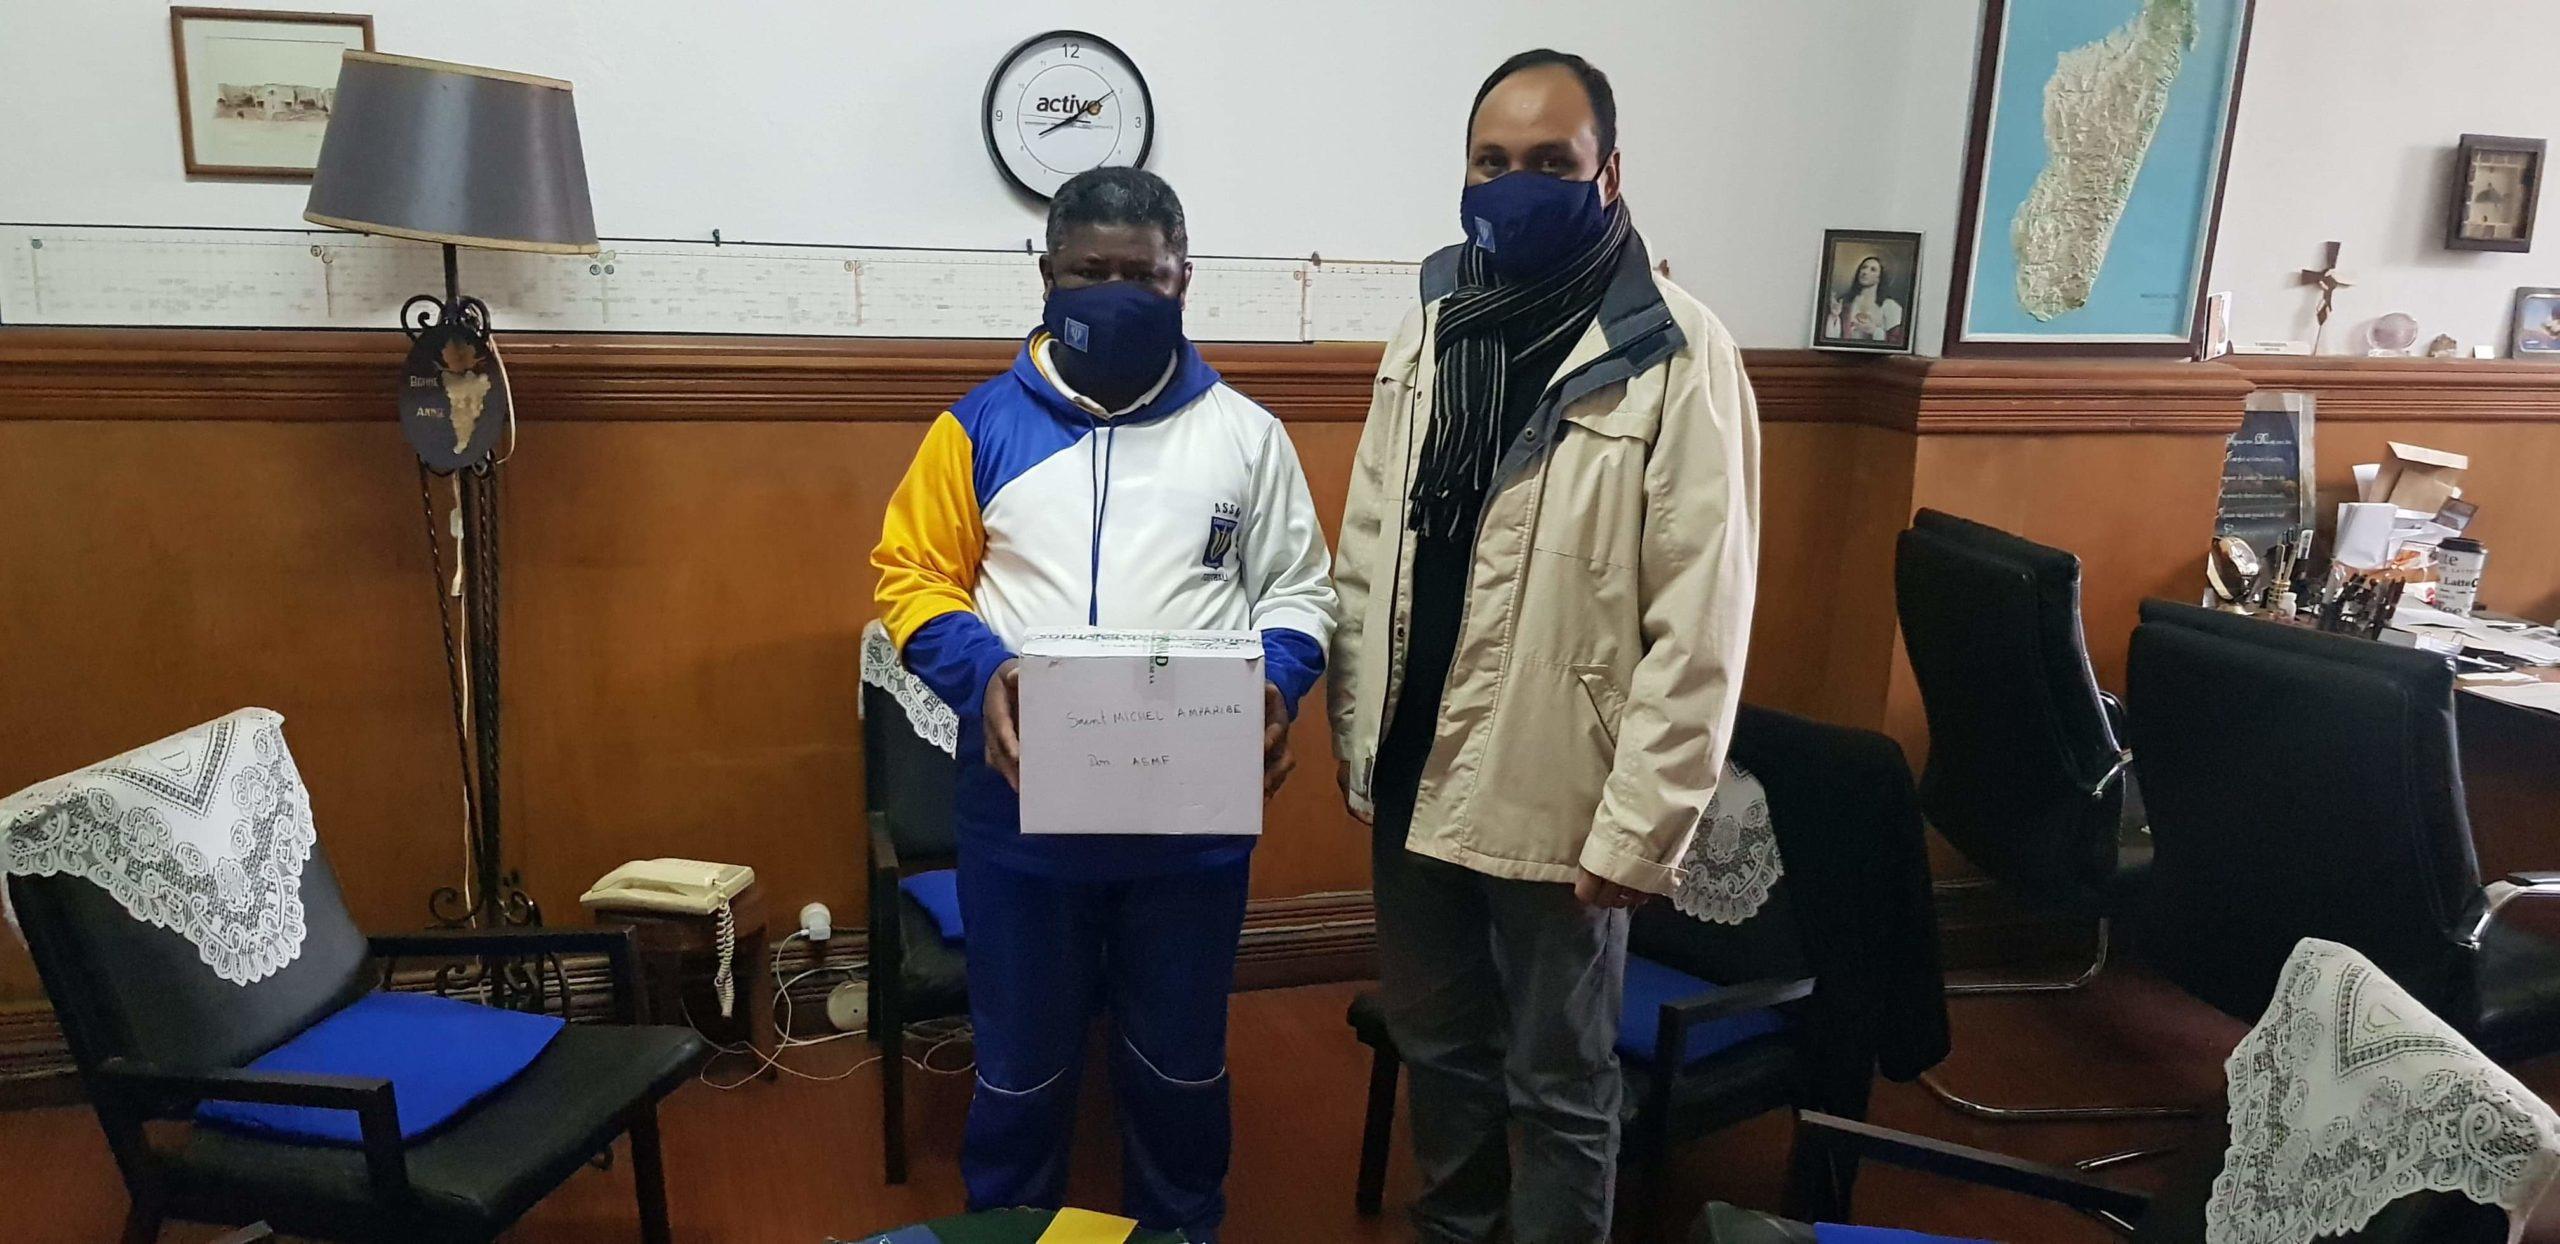 Remise de dons de masques type chirurgical au Père Recteur